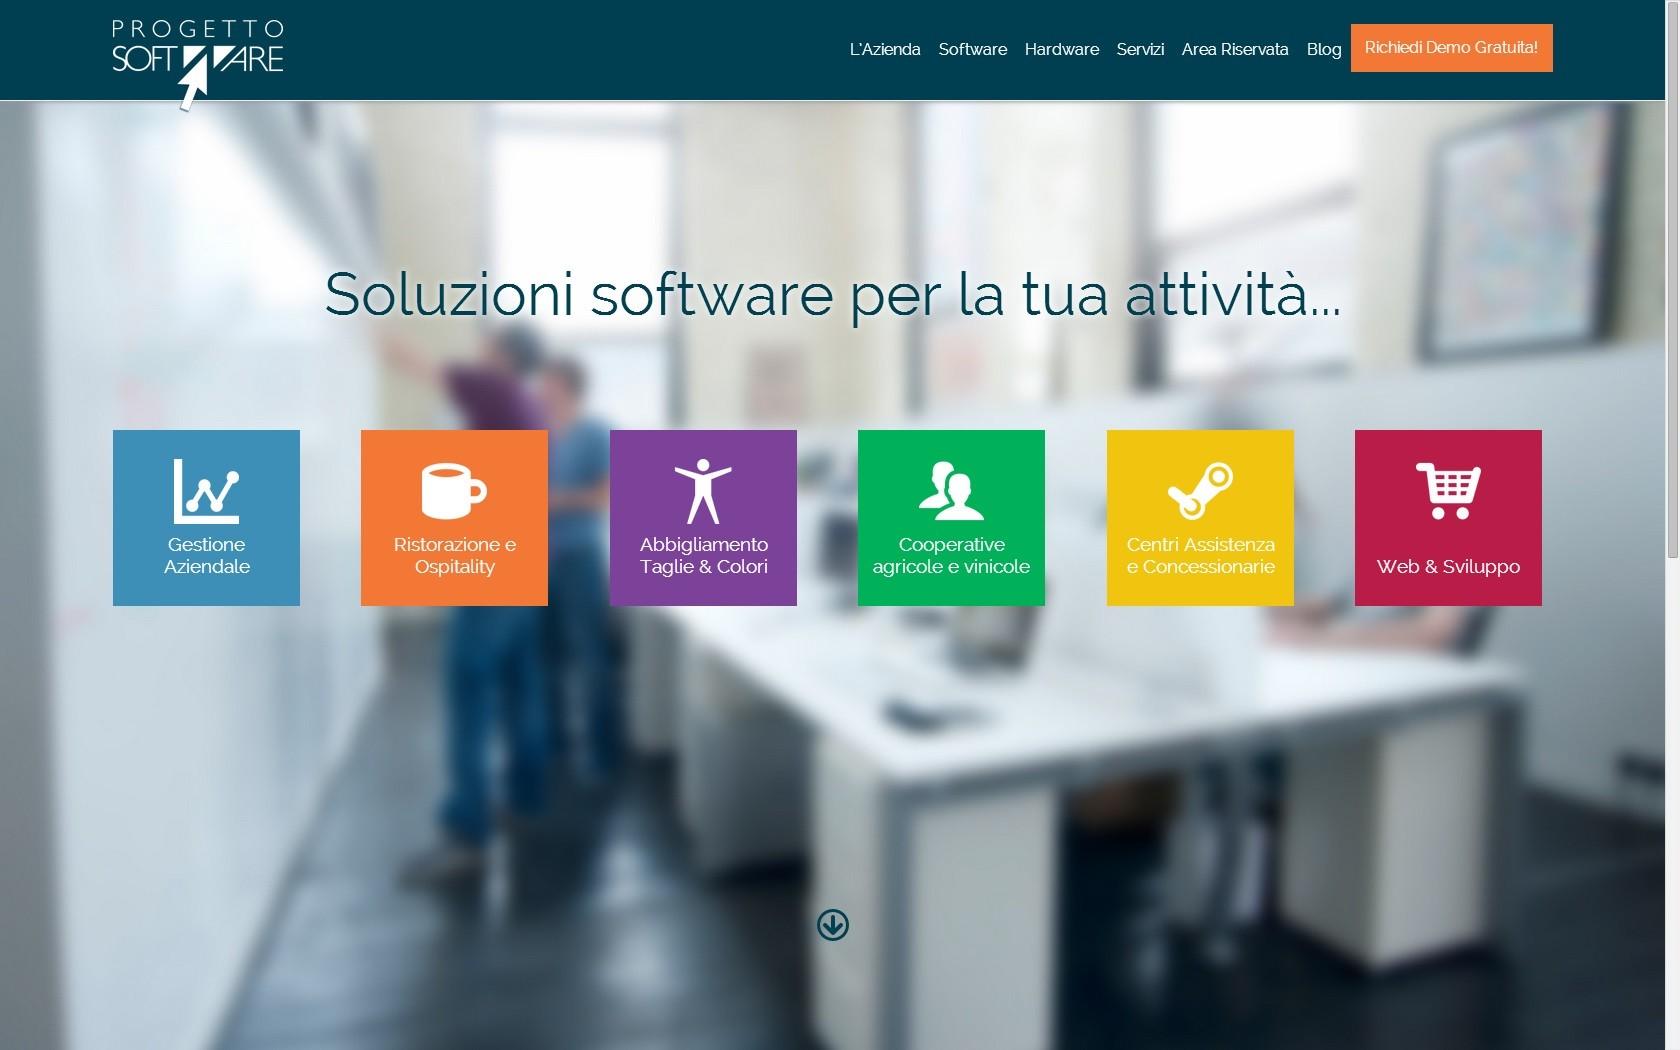 sito_web_progetto_sof